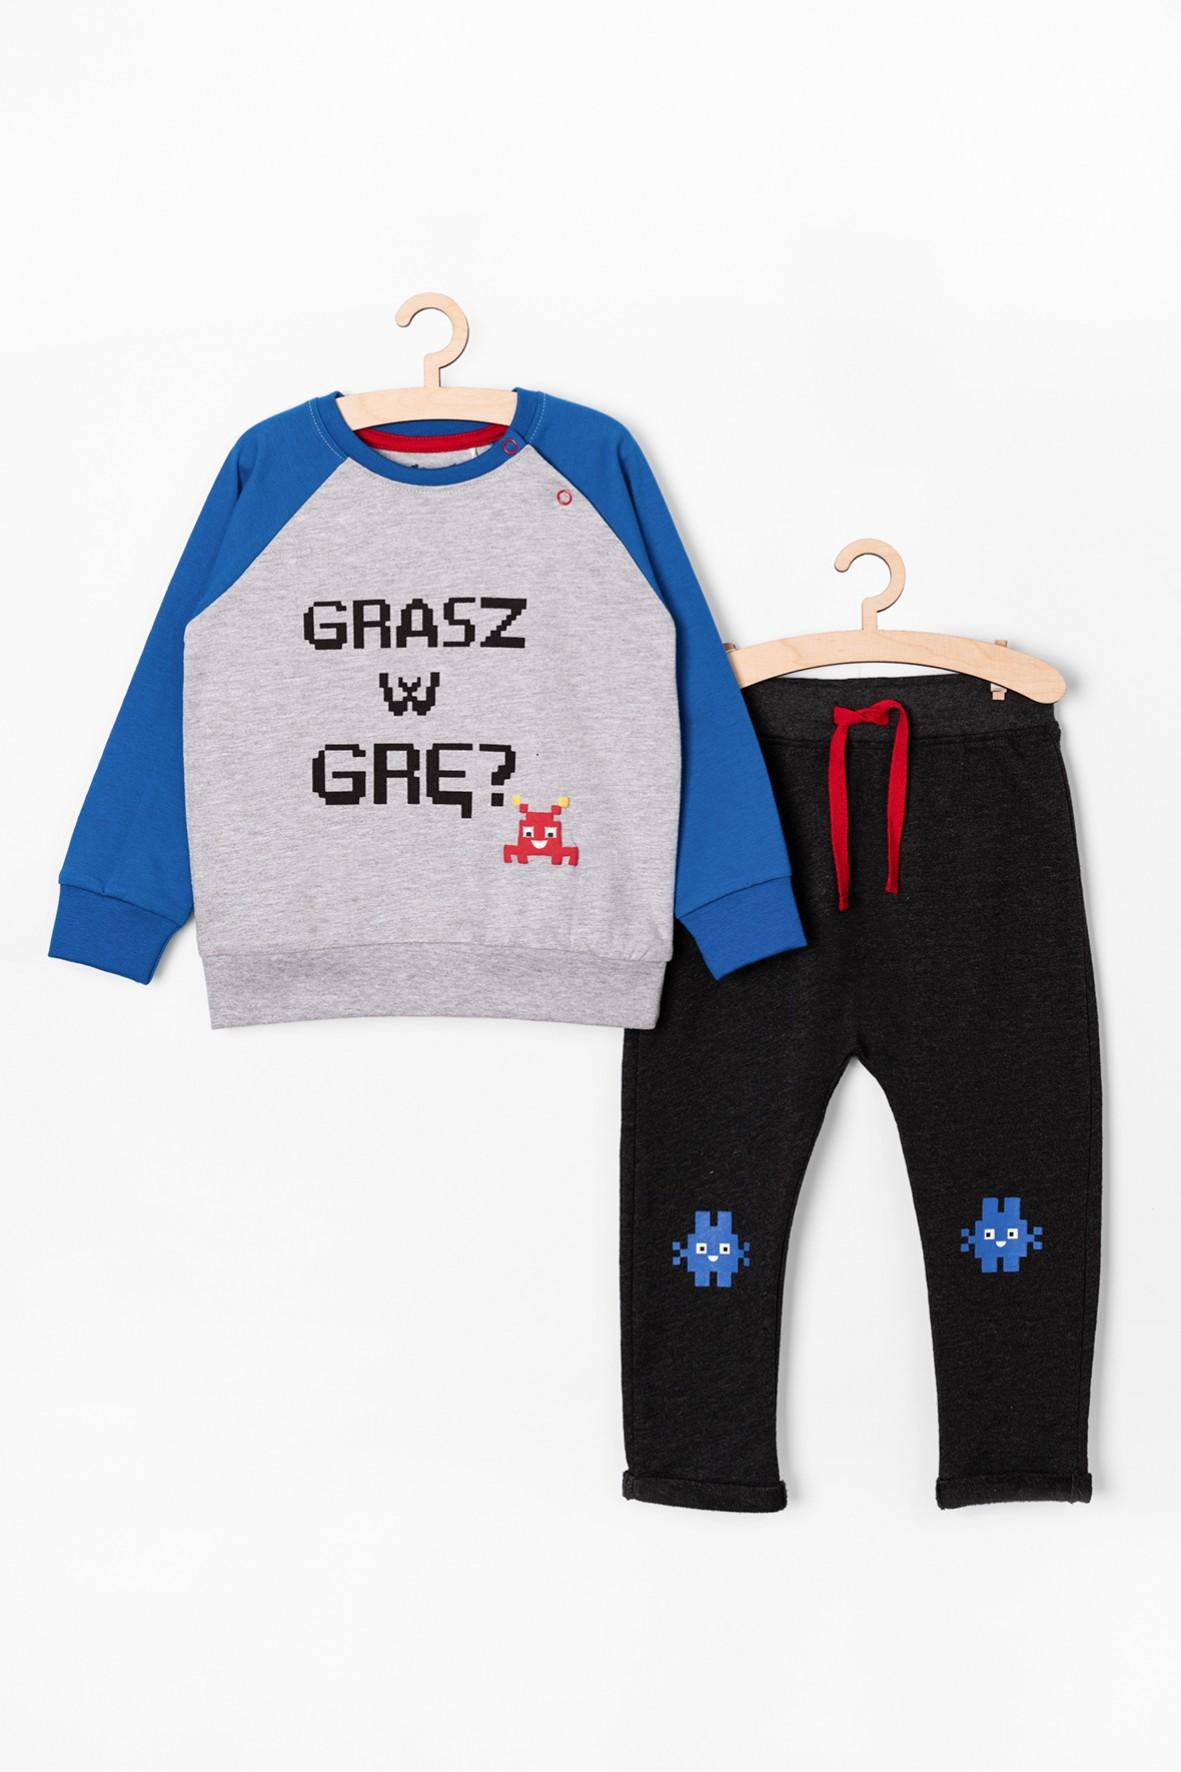 Komplet ubrań dla chłopca- spodnie i bluza z napisem Grasz w grę